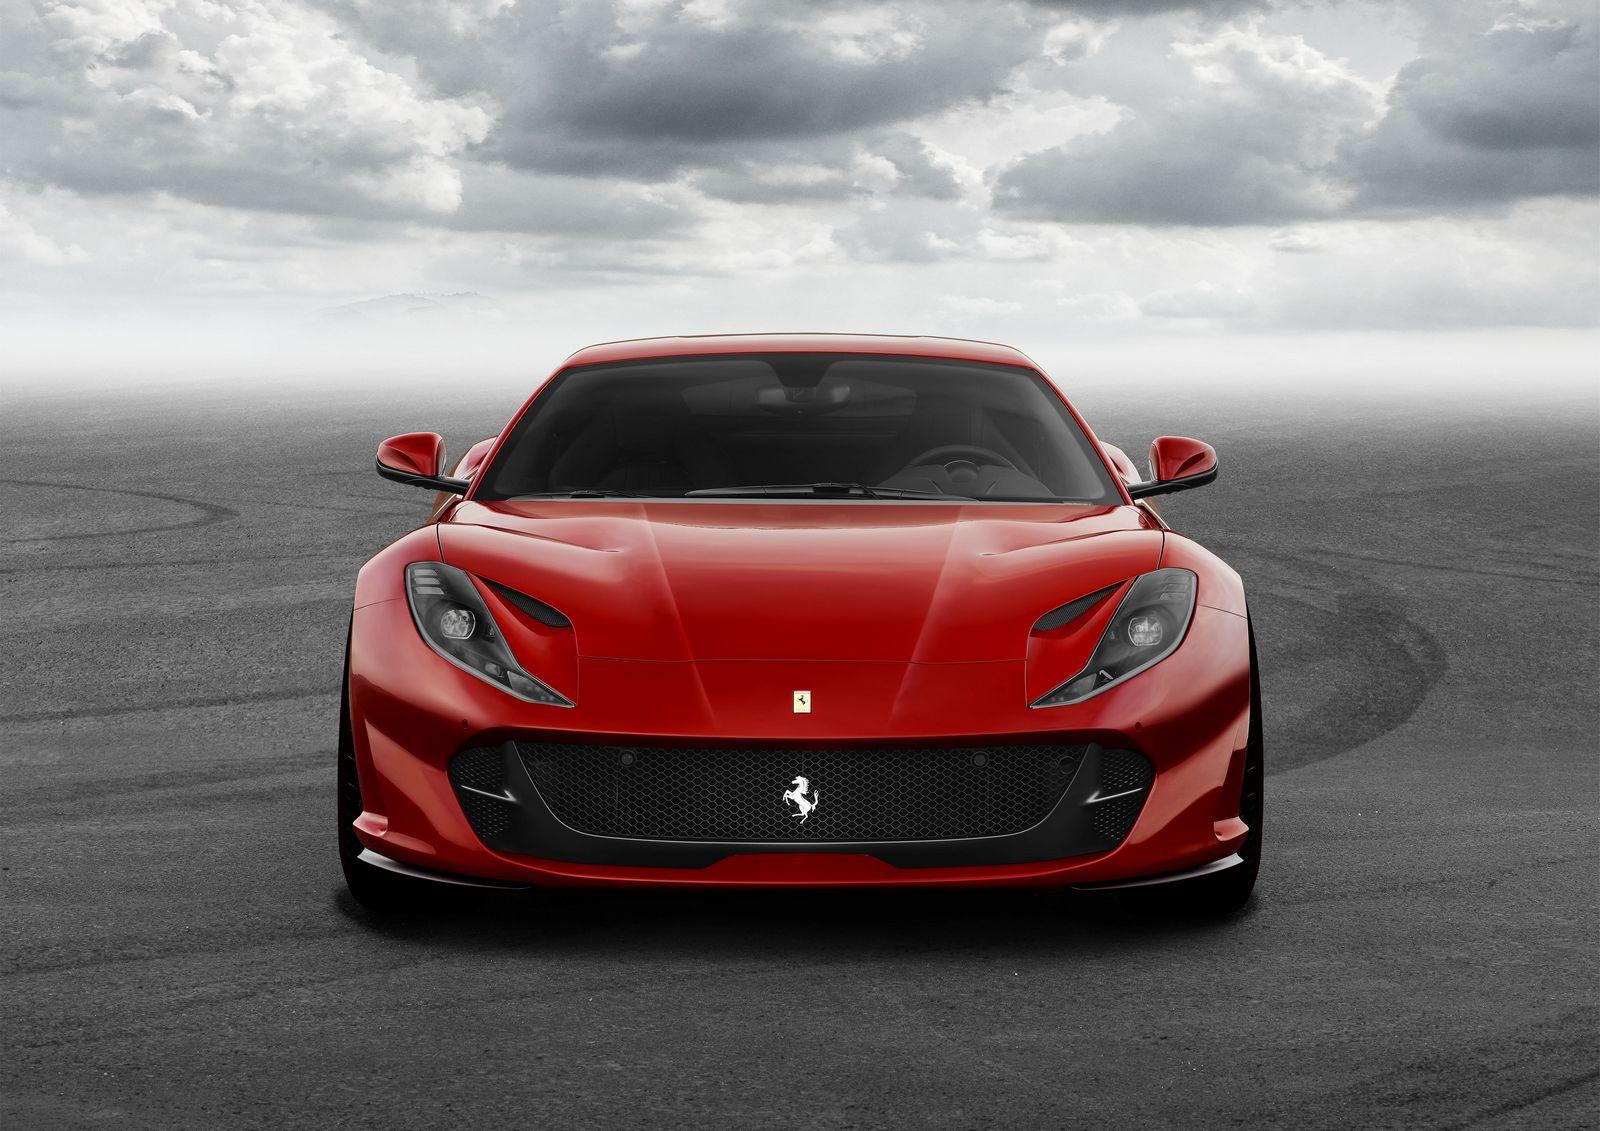 [Imagen: Ferrari%2B812%2BSuperfast%2B-5.jpg]